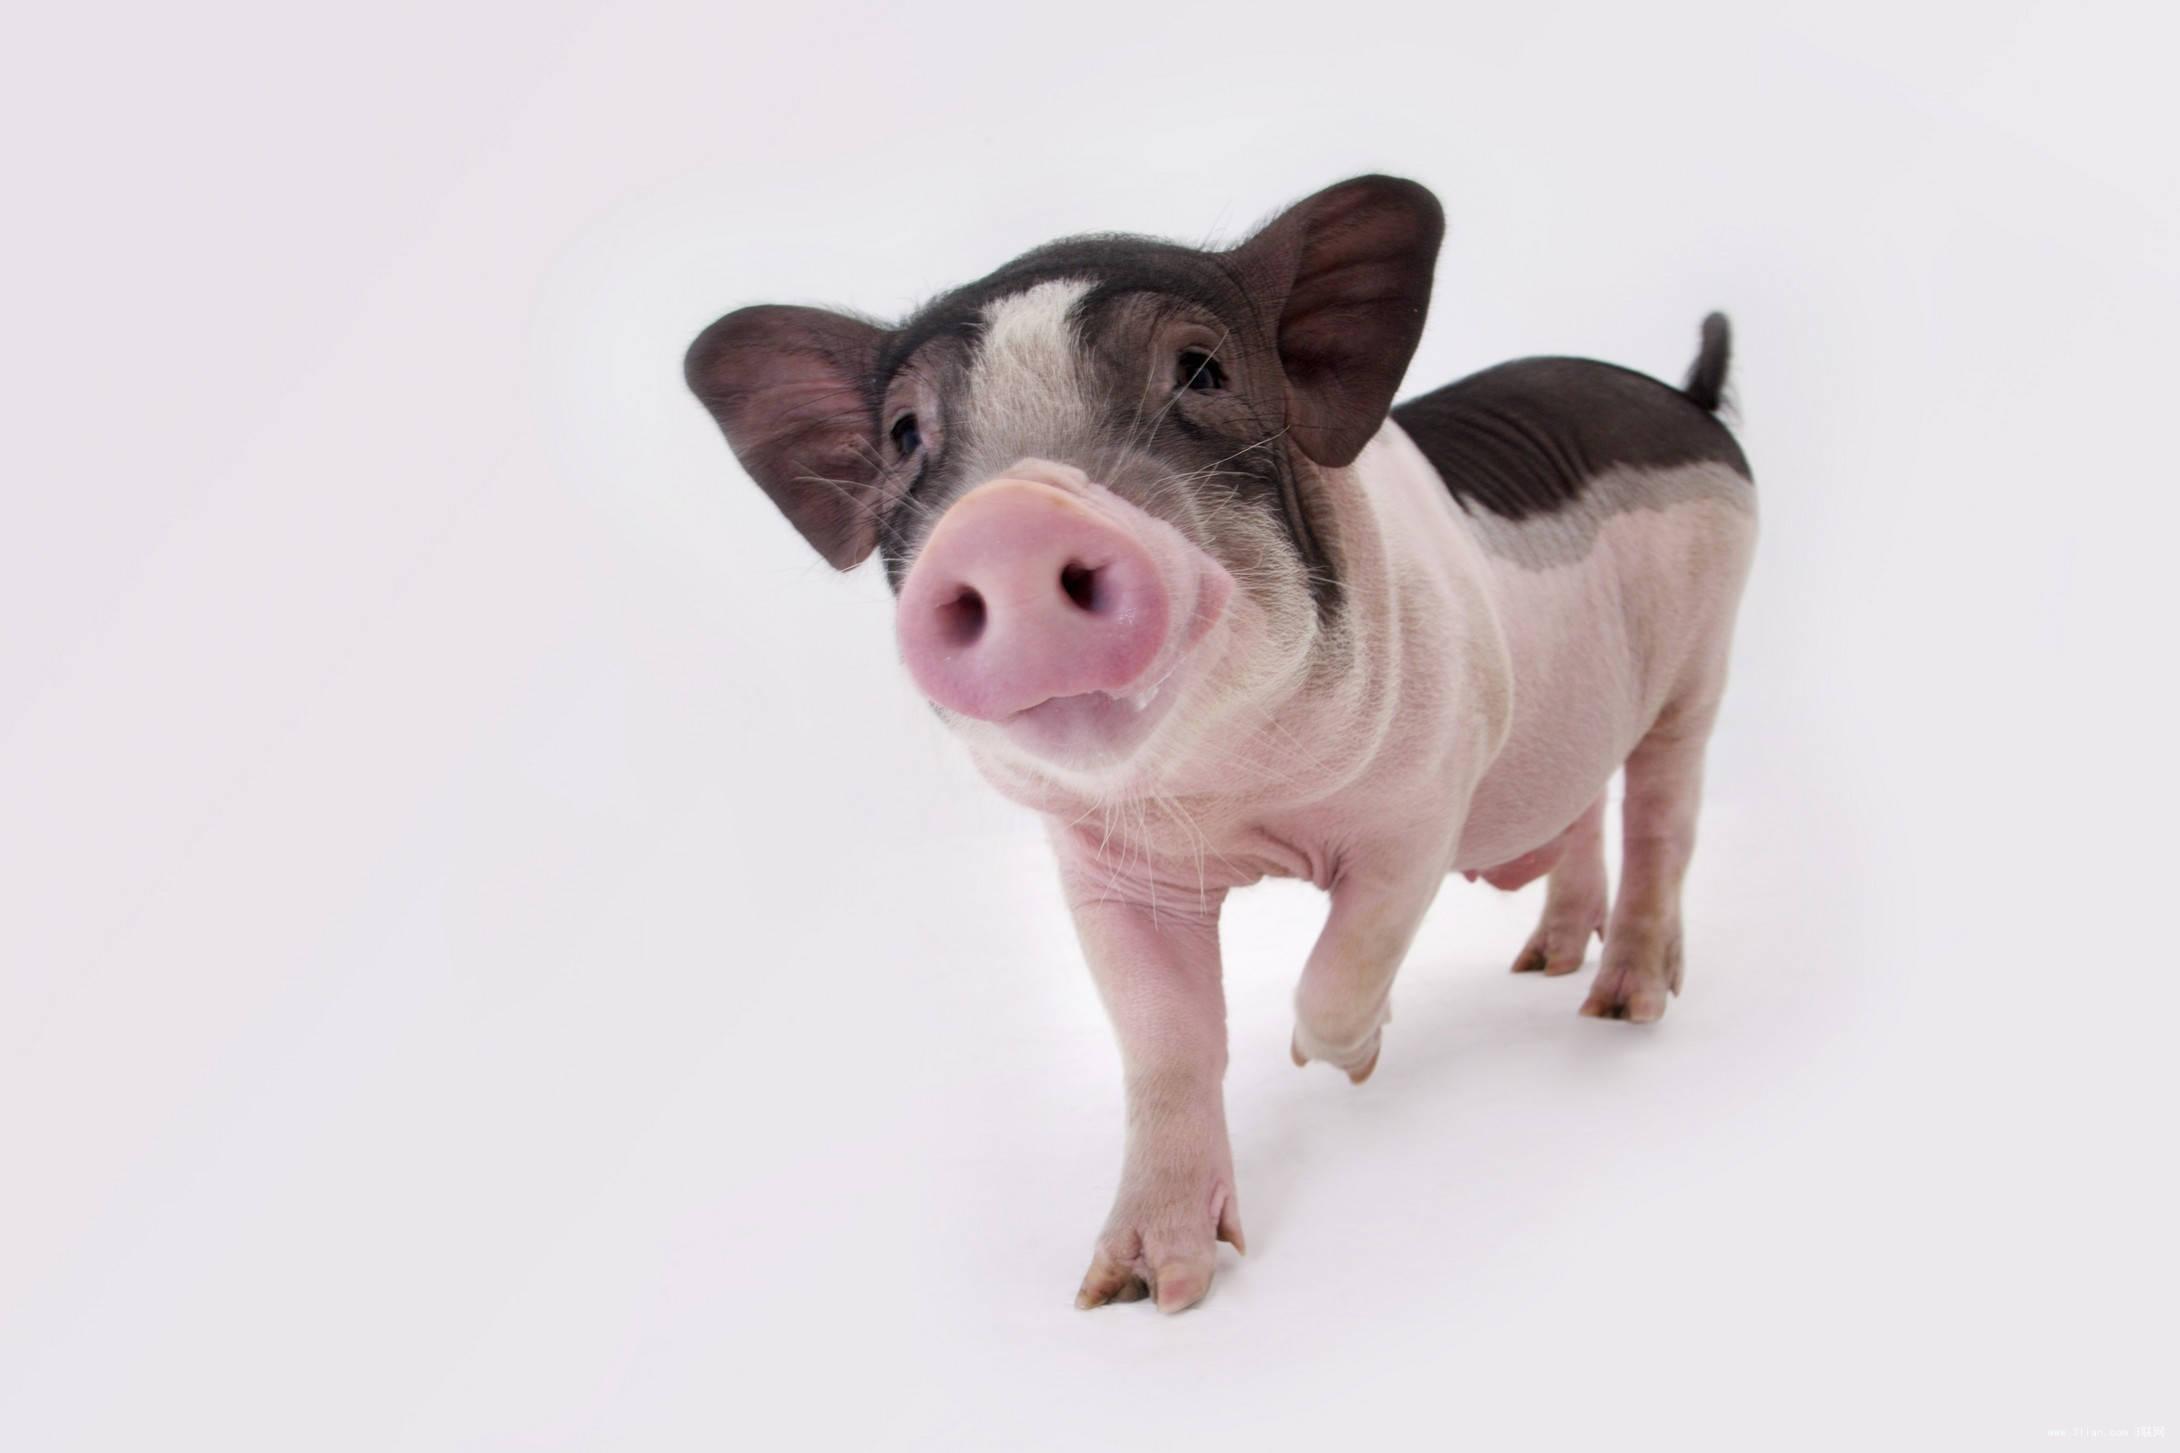 梦见一头猪是什么寓意? 梦见煮熟的猪骨头